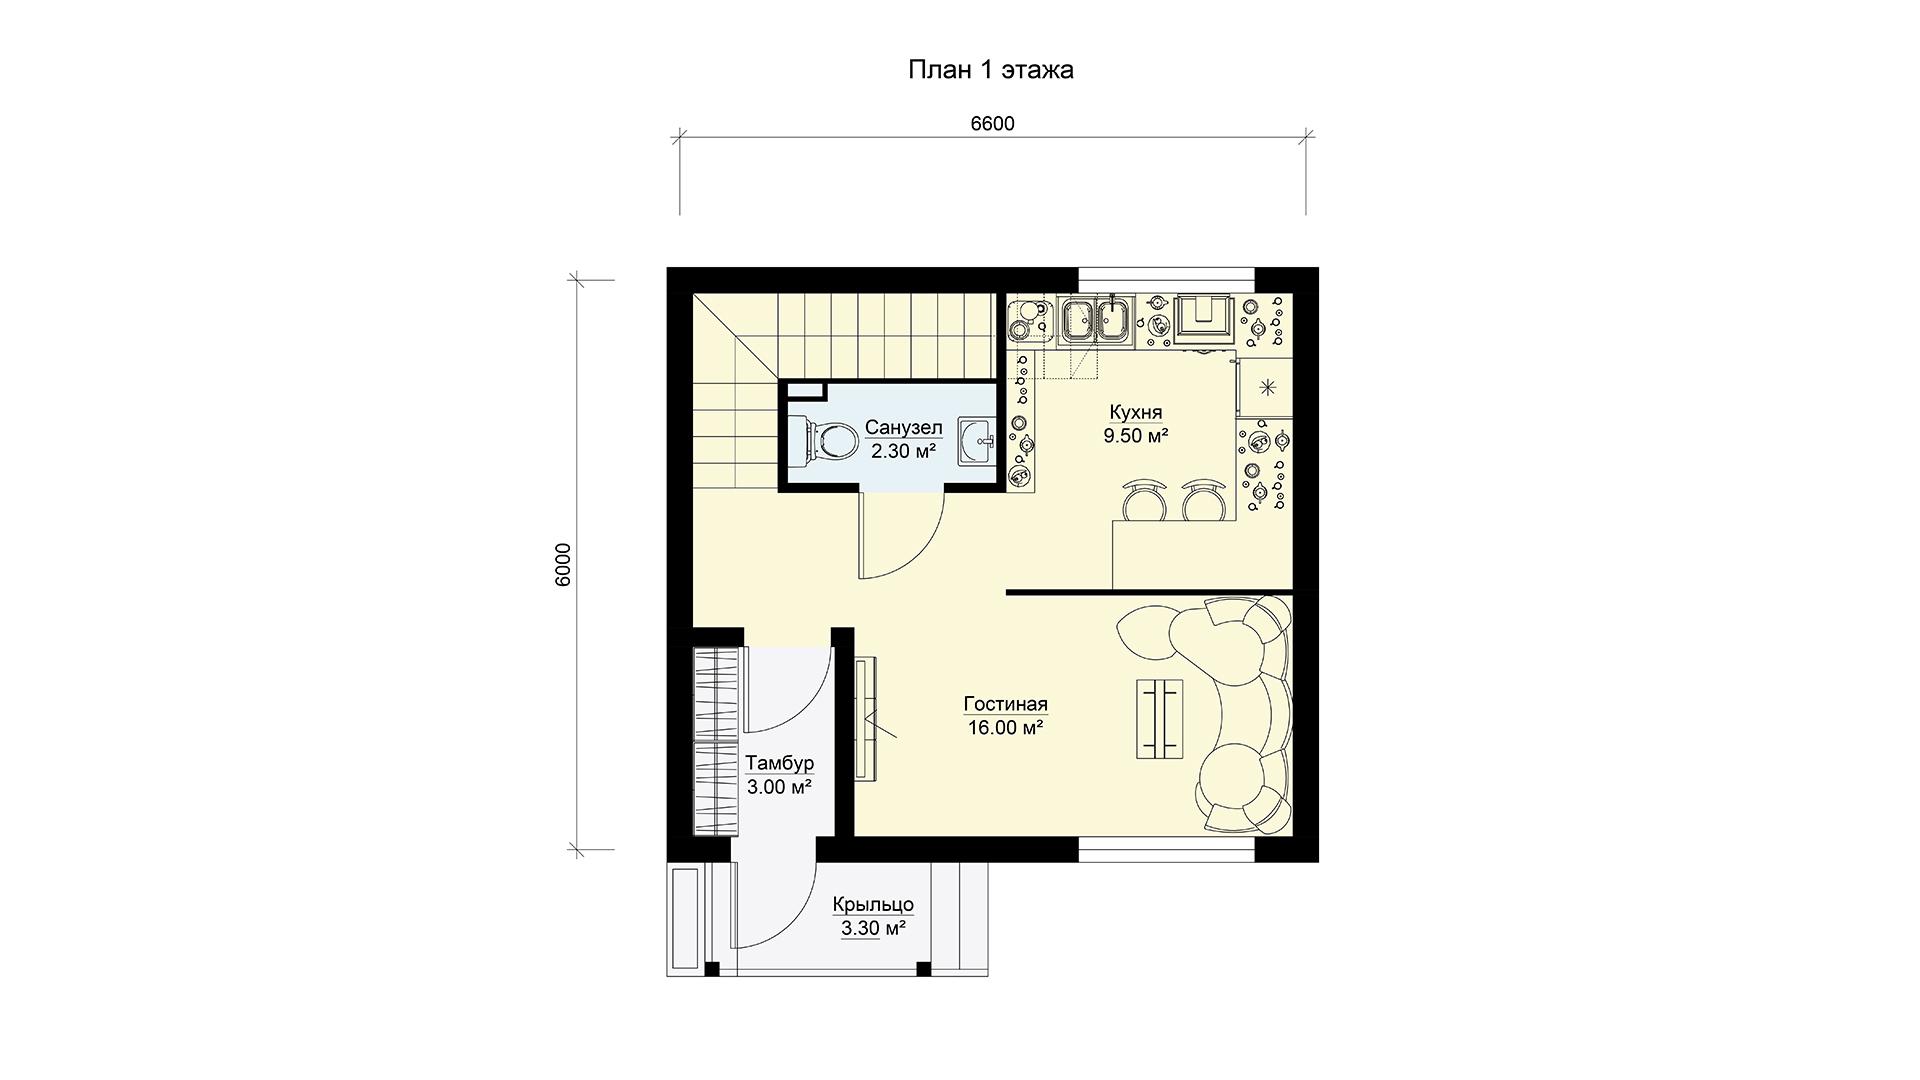 План первого этажа двухэтажного дома БЭНПАН, проект МС-69.